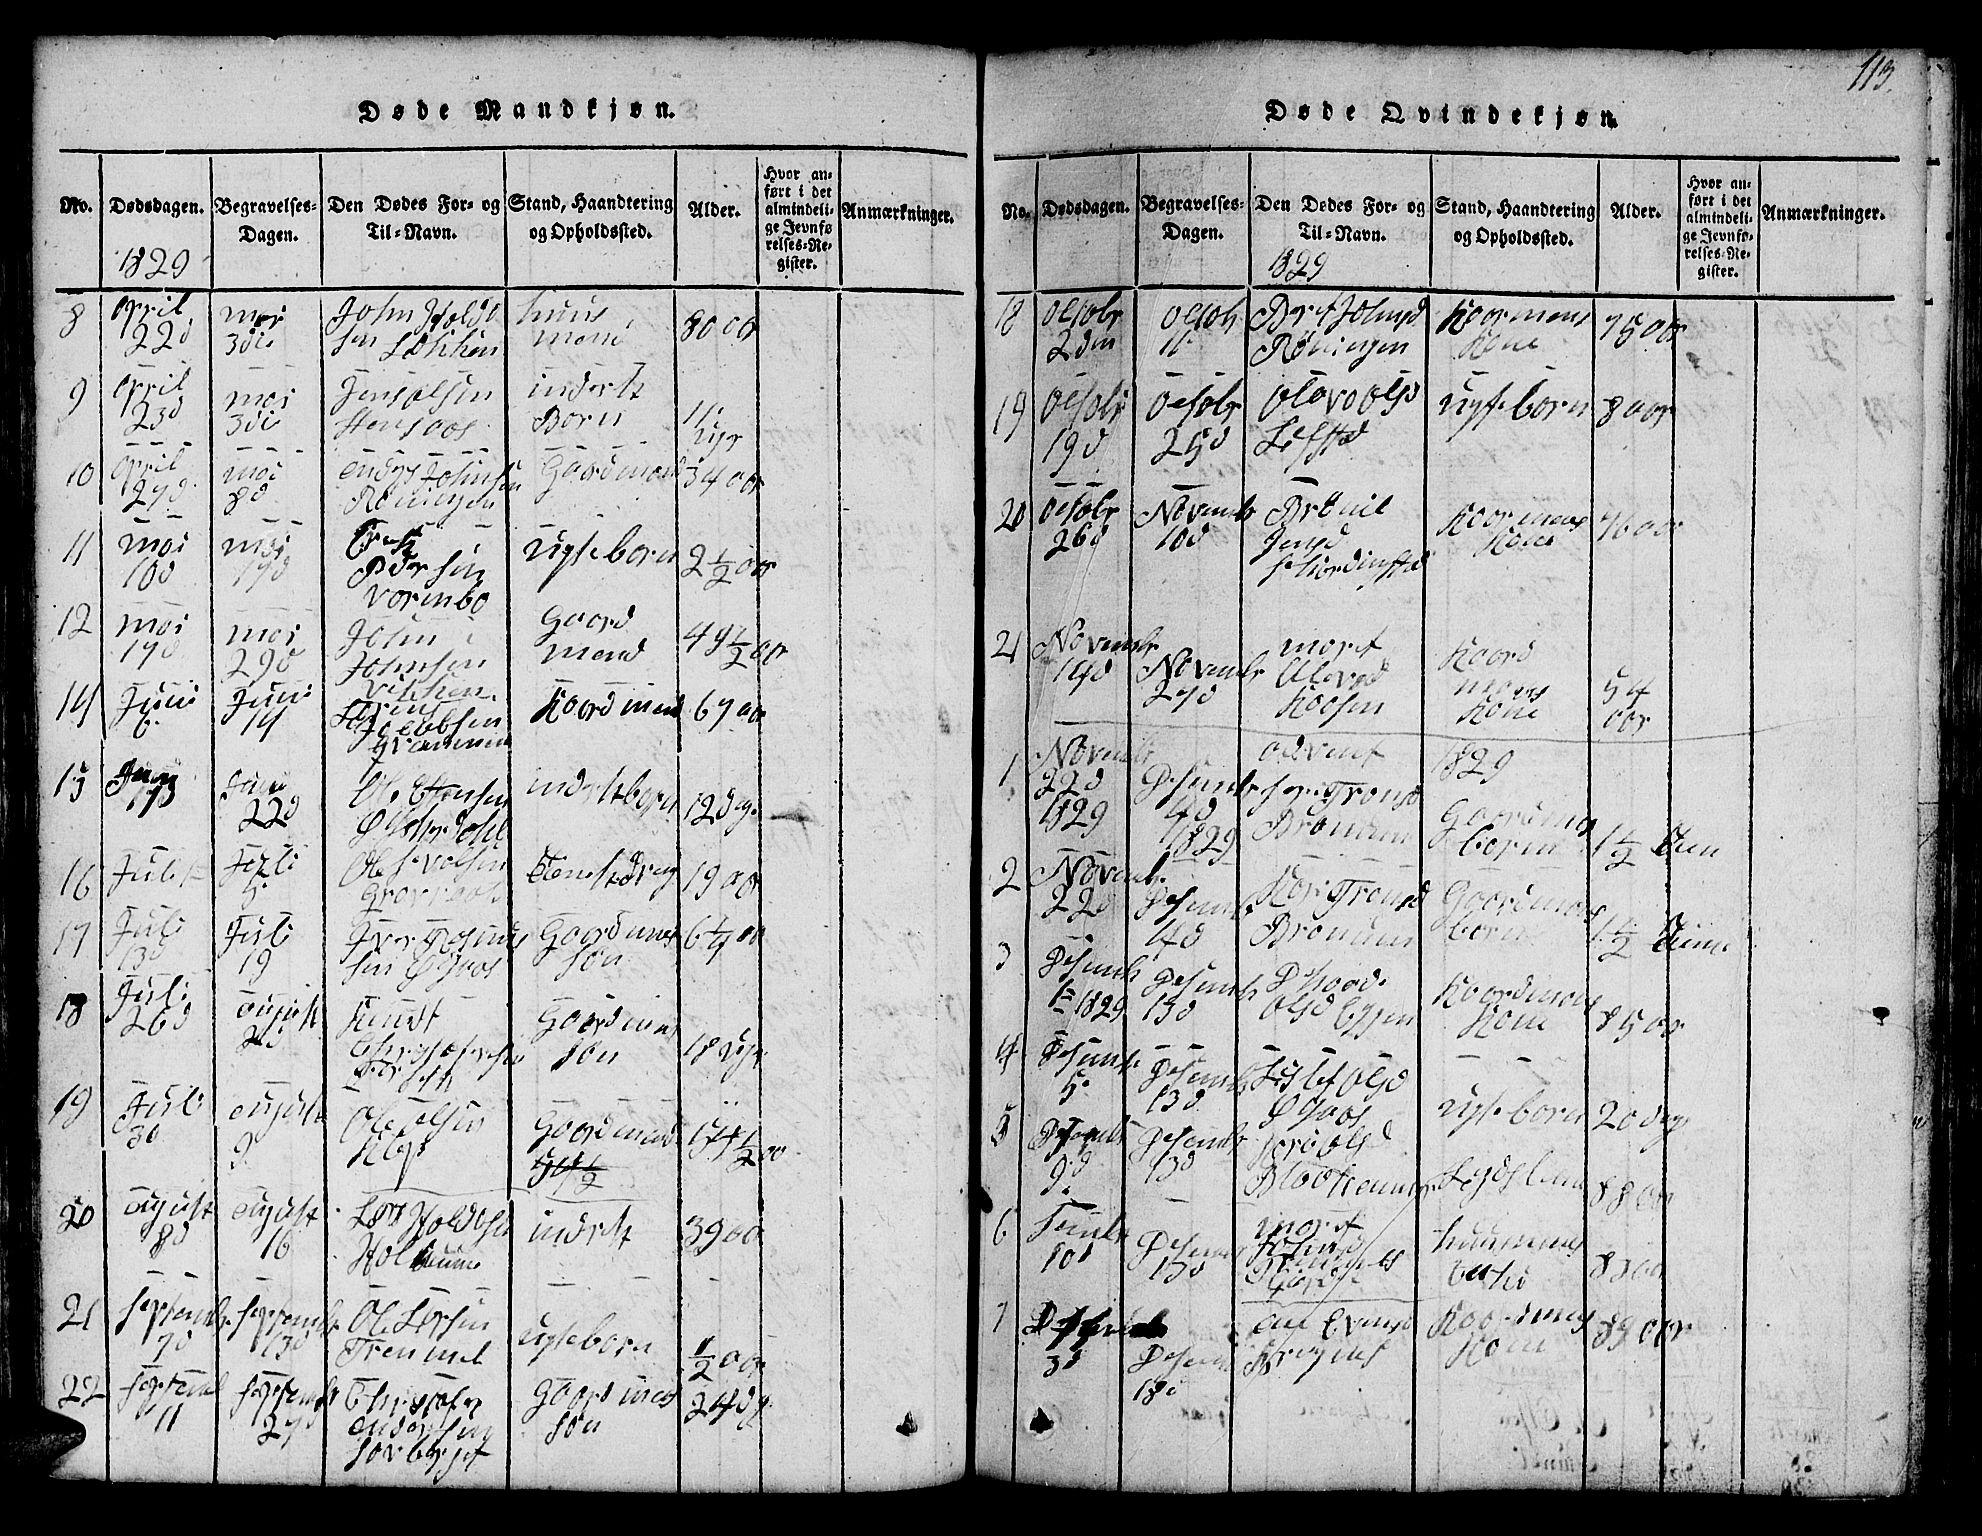 SAT, Ministerialprotokoller, klokkerbøker og fødselsregistre - Sør-Trøndelag, 691/L1092: Klokkerbok nr. 691C03, 1816-1852, s. 113